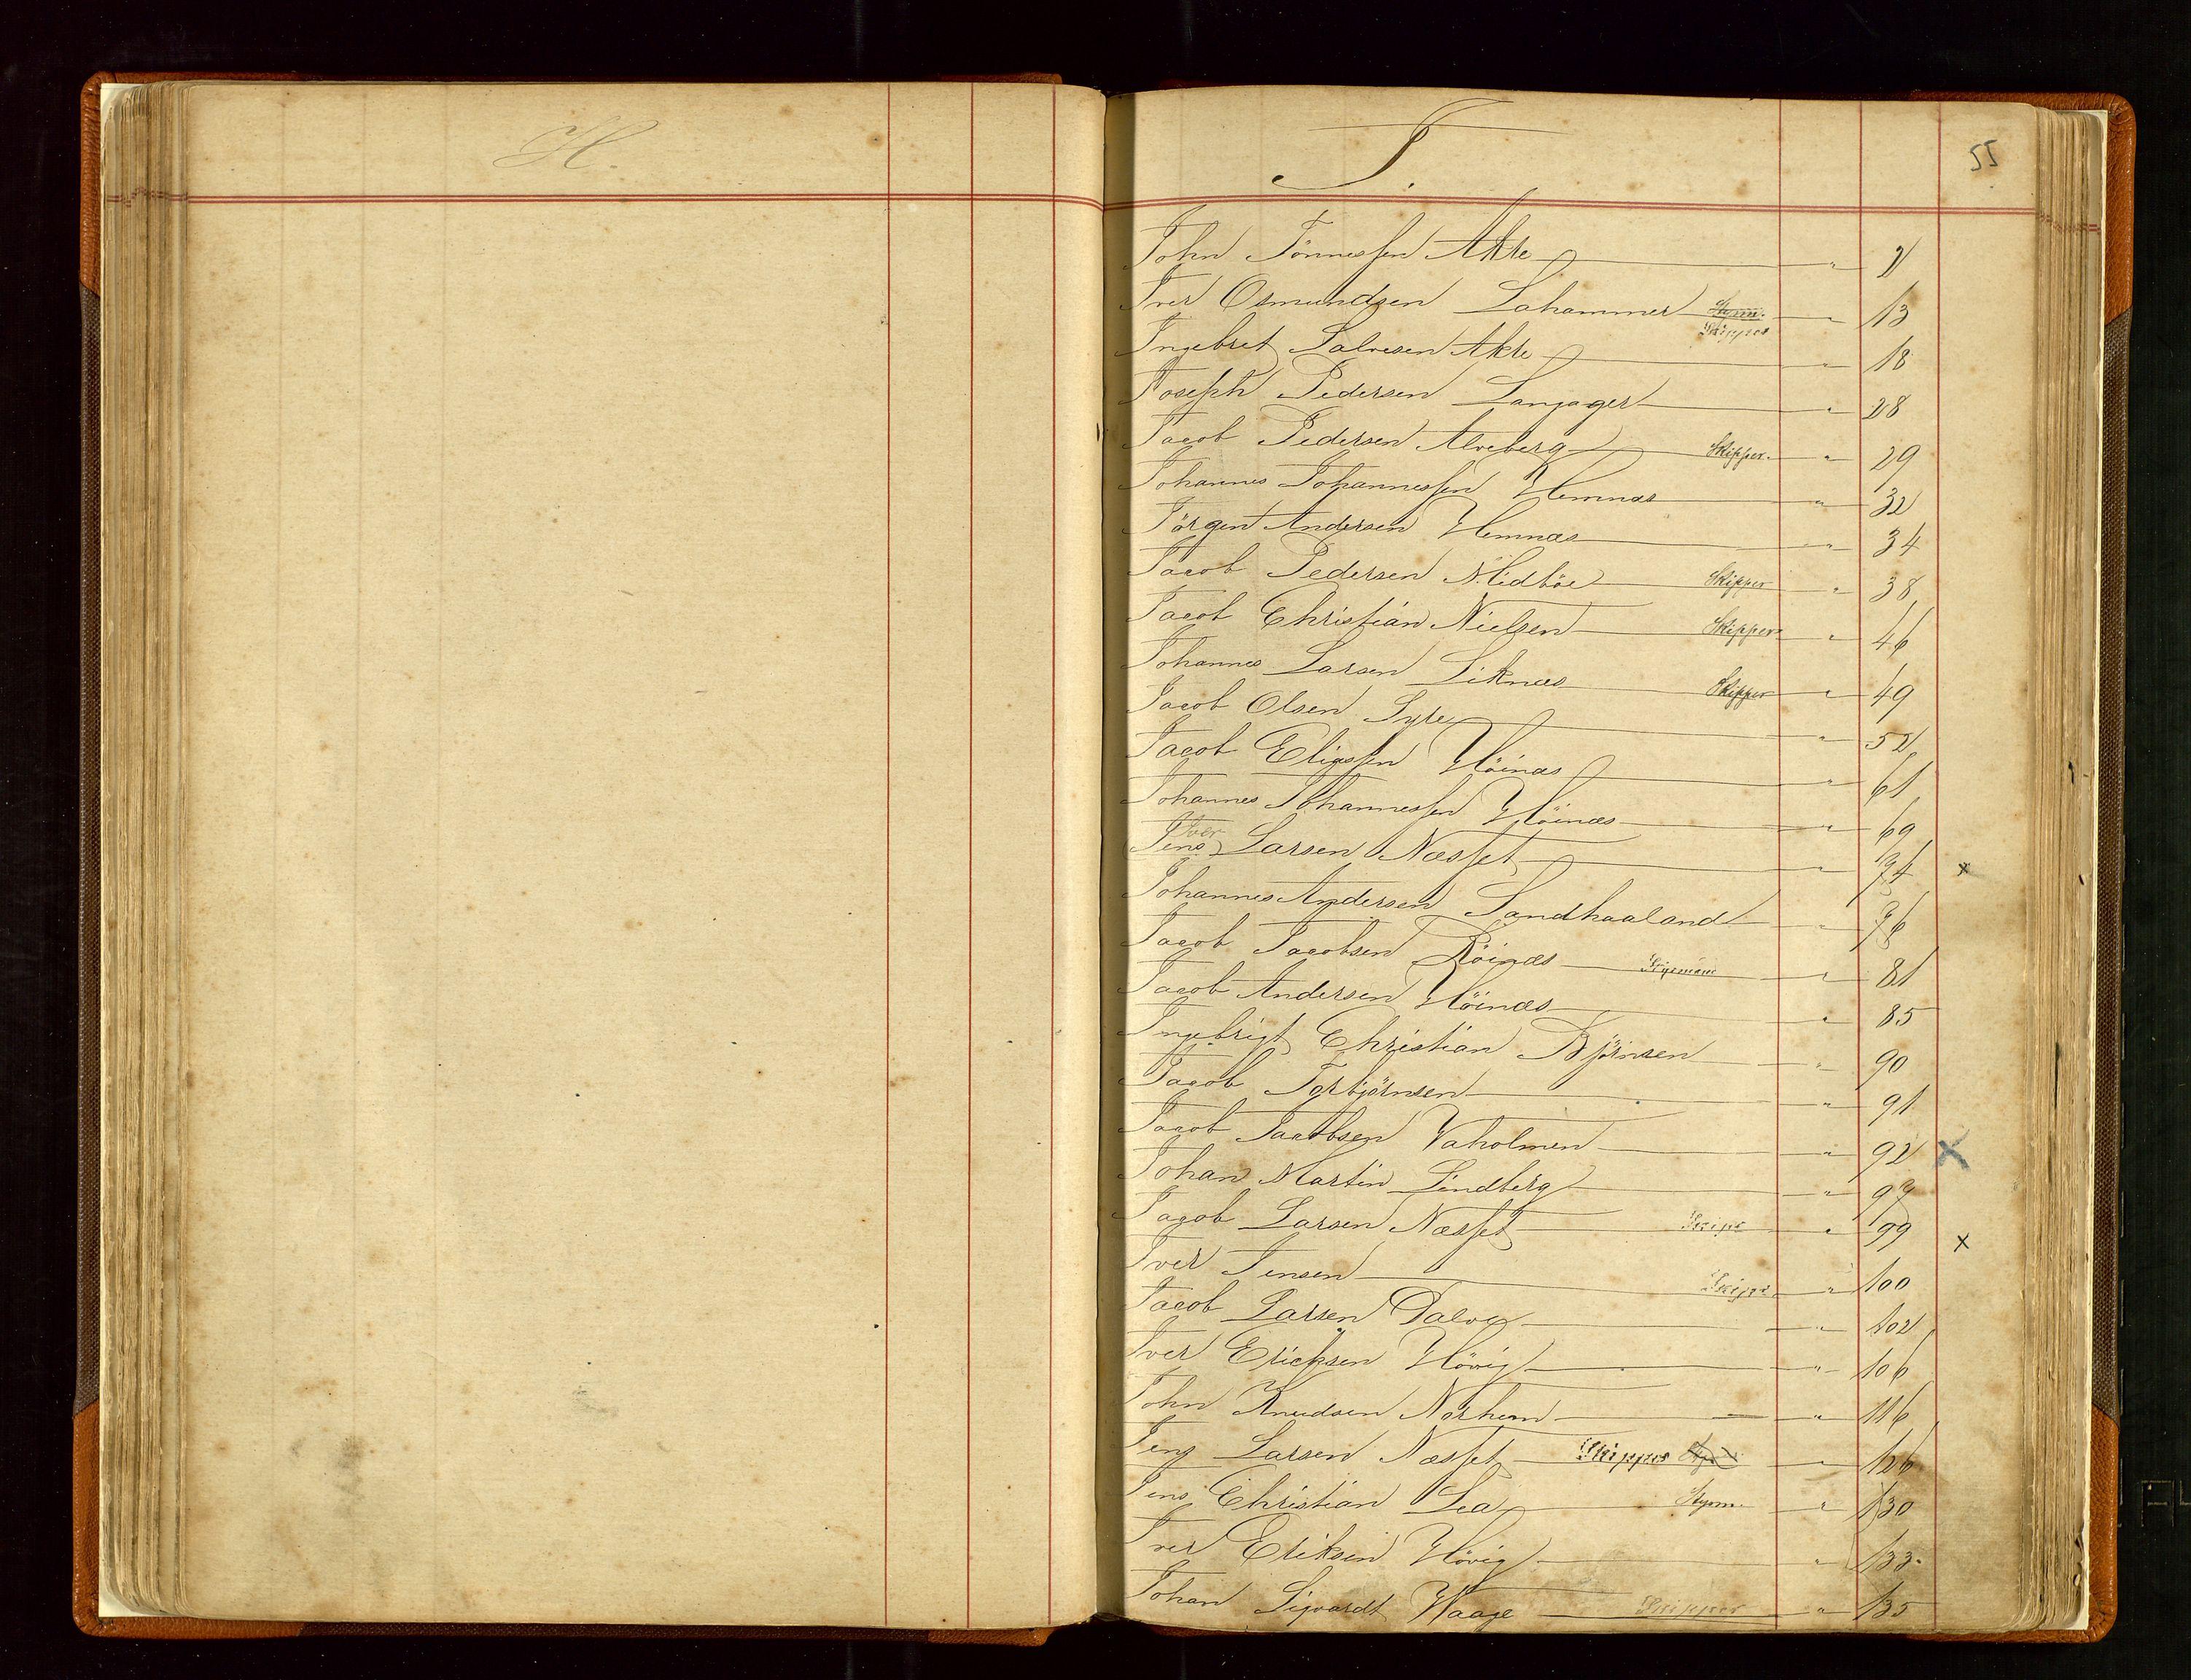 SAST, Haugesund sjømannskontor, F/Fb/Fba/L0003: Navneregister med henvisning til rullenummer (fornavn) Haugesund krets, 1860-1948, p. 55